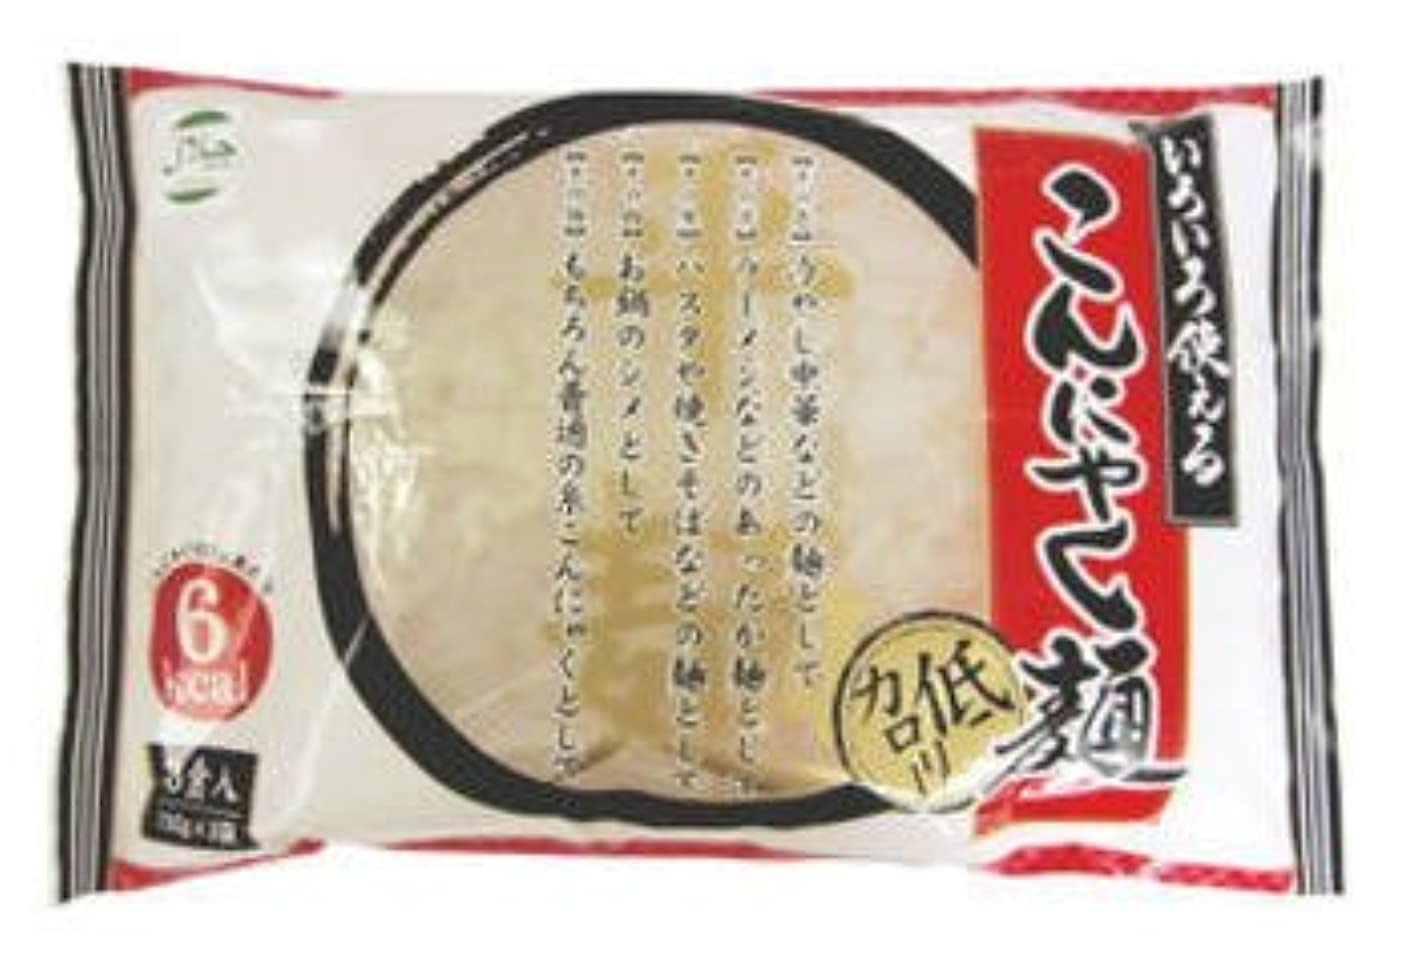 マルコポーロ滑る兄いろいろ使える こんにゃく麺 (150g×3食)12個入り